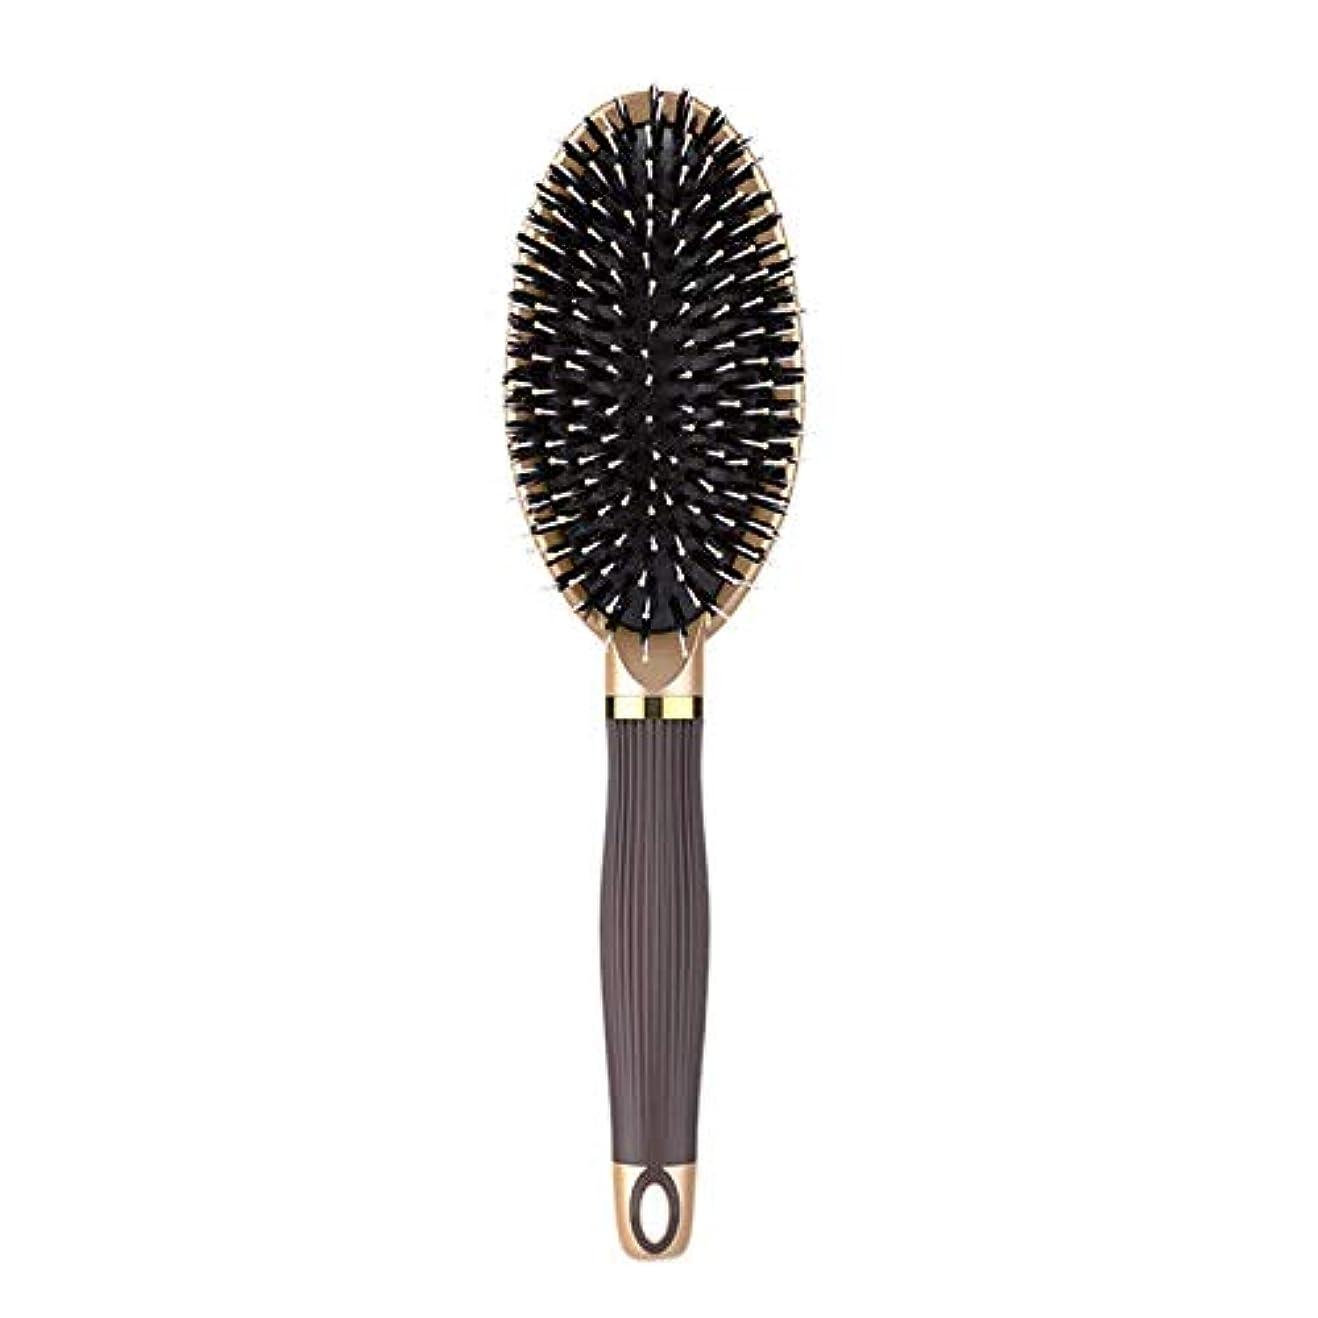 終点なんとなくひまわりRETYLY ヘアブラシイノシシ剛毛ヘアブラシと濡れた髪または乾いた髪に最適な作品髪を矯正して滑らかにするためにデザイン 女性&男性用